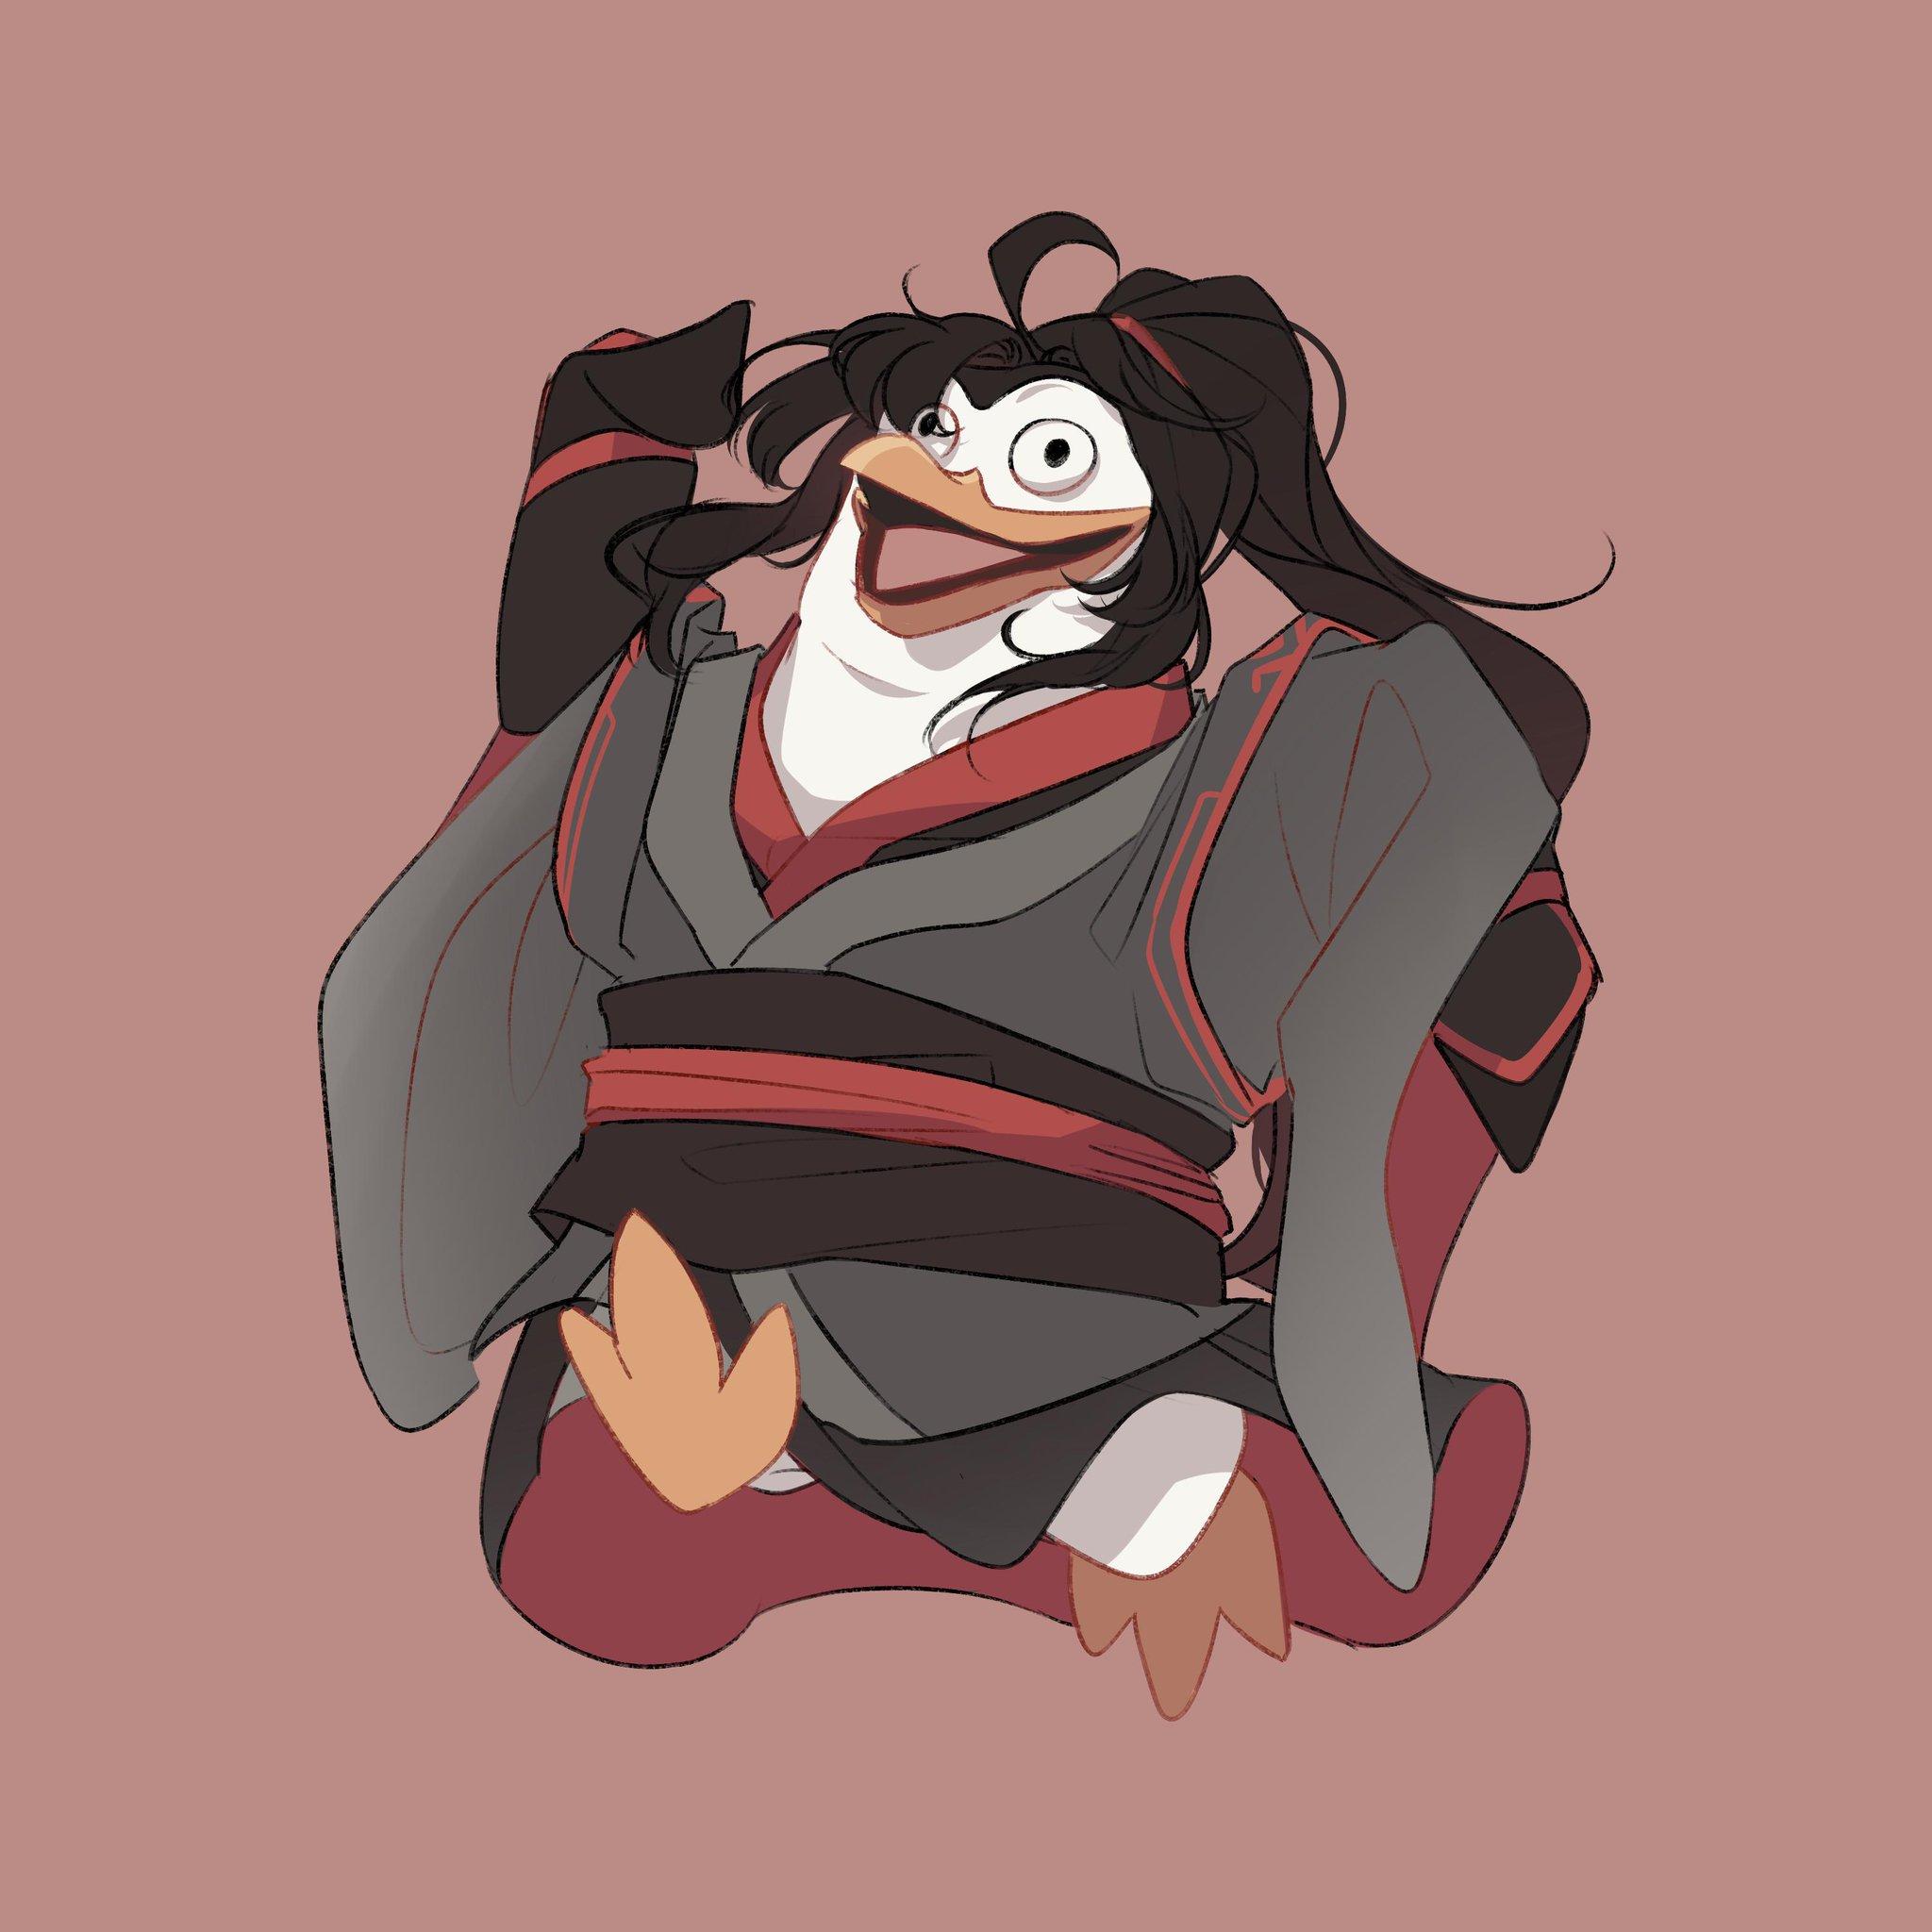 魔道企鹅们。twi:meampants